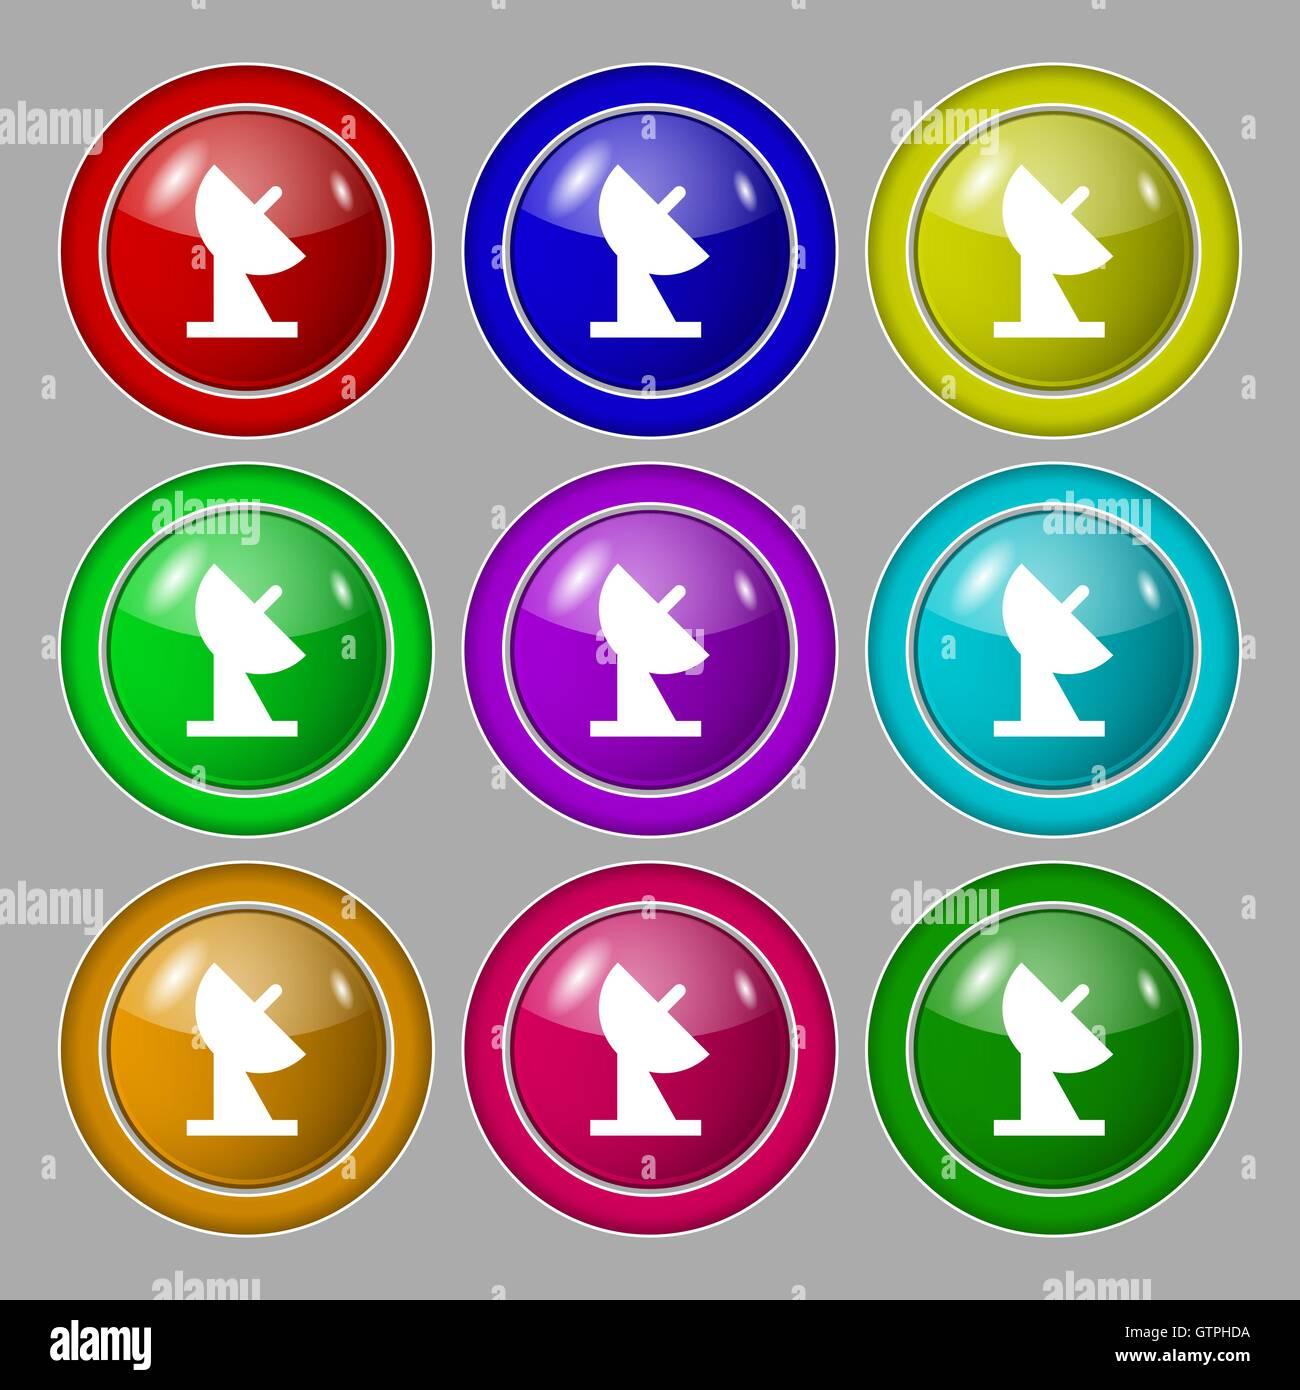 Satschssel Symbol Zeichen Symbol Auf Neun Runden Bunten Knpfen Vektor  Stockbild With Schussel Aus Knopfen